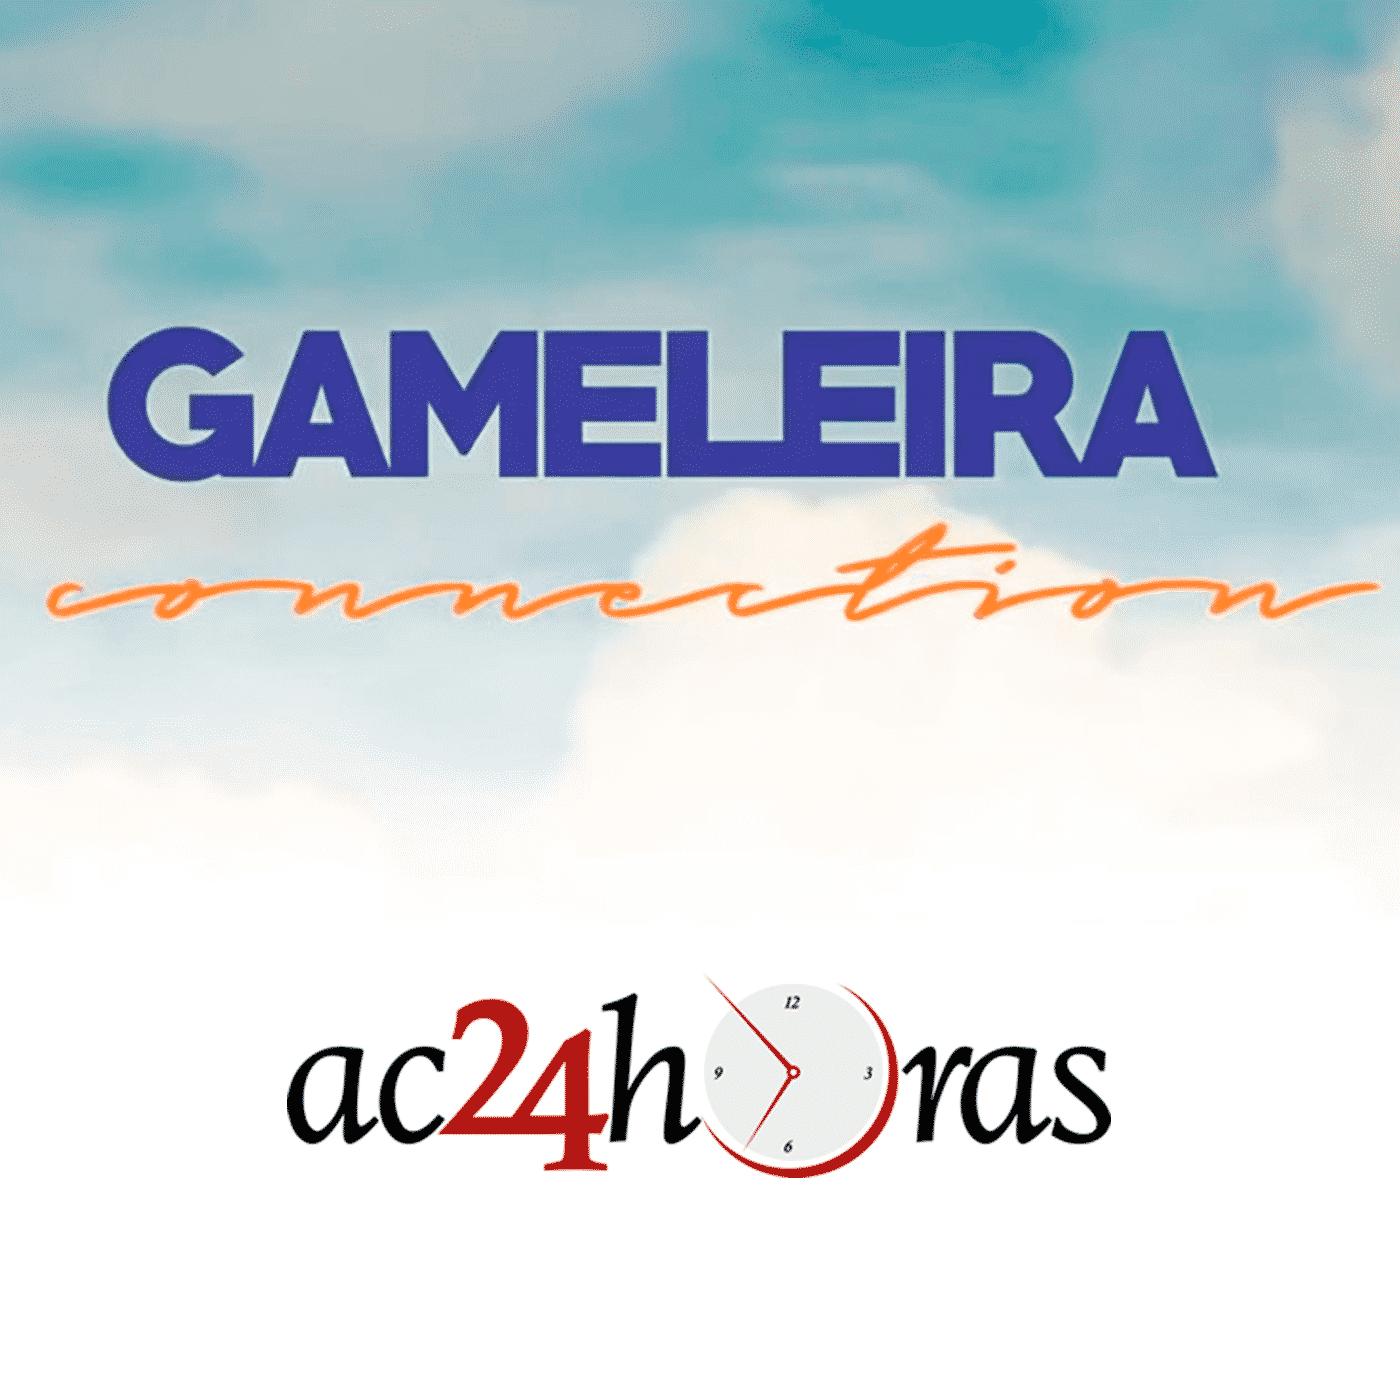 Gameleira Connection